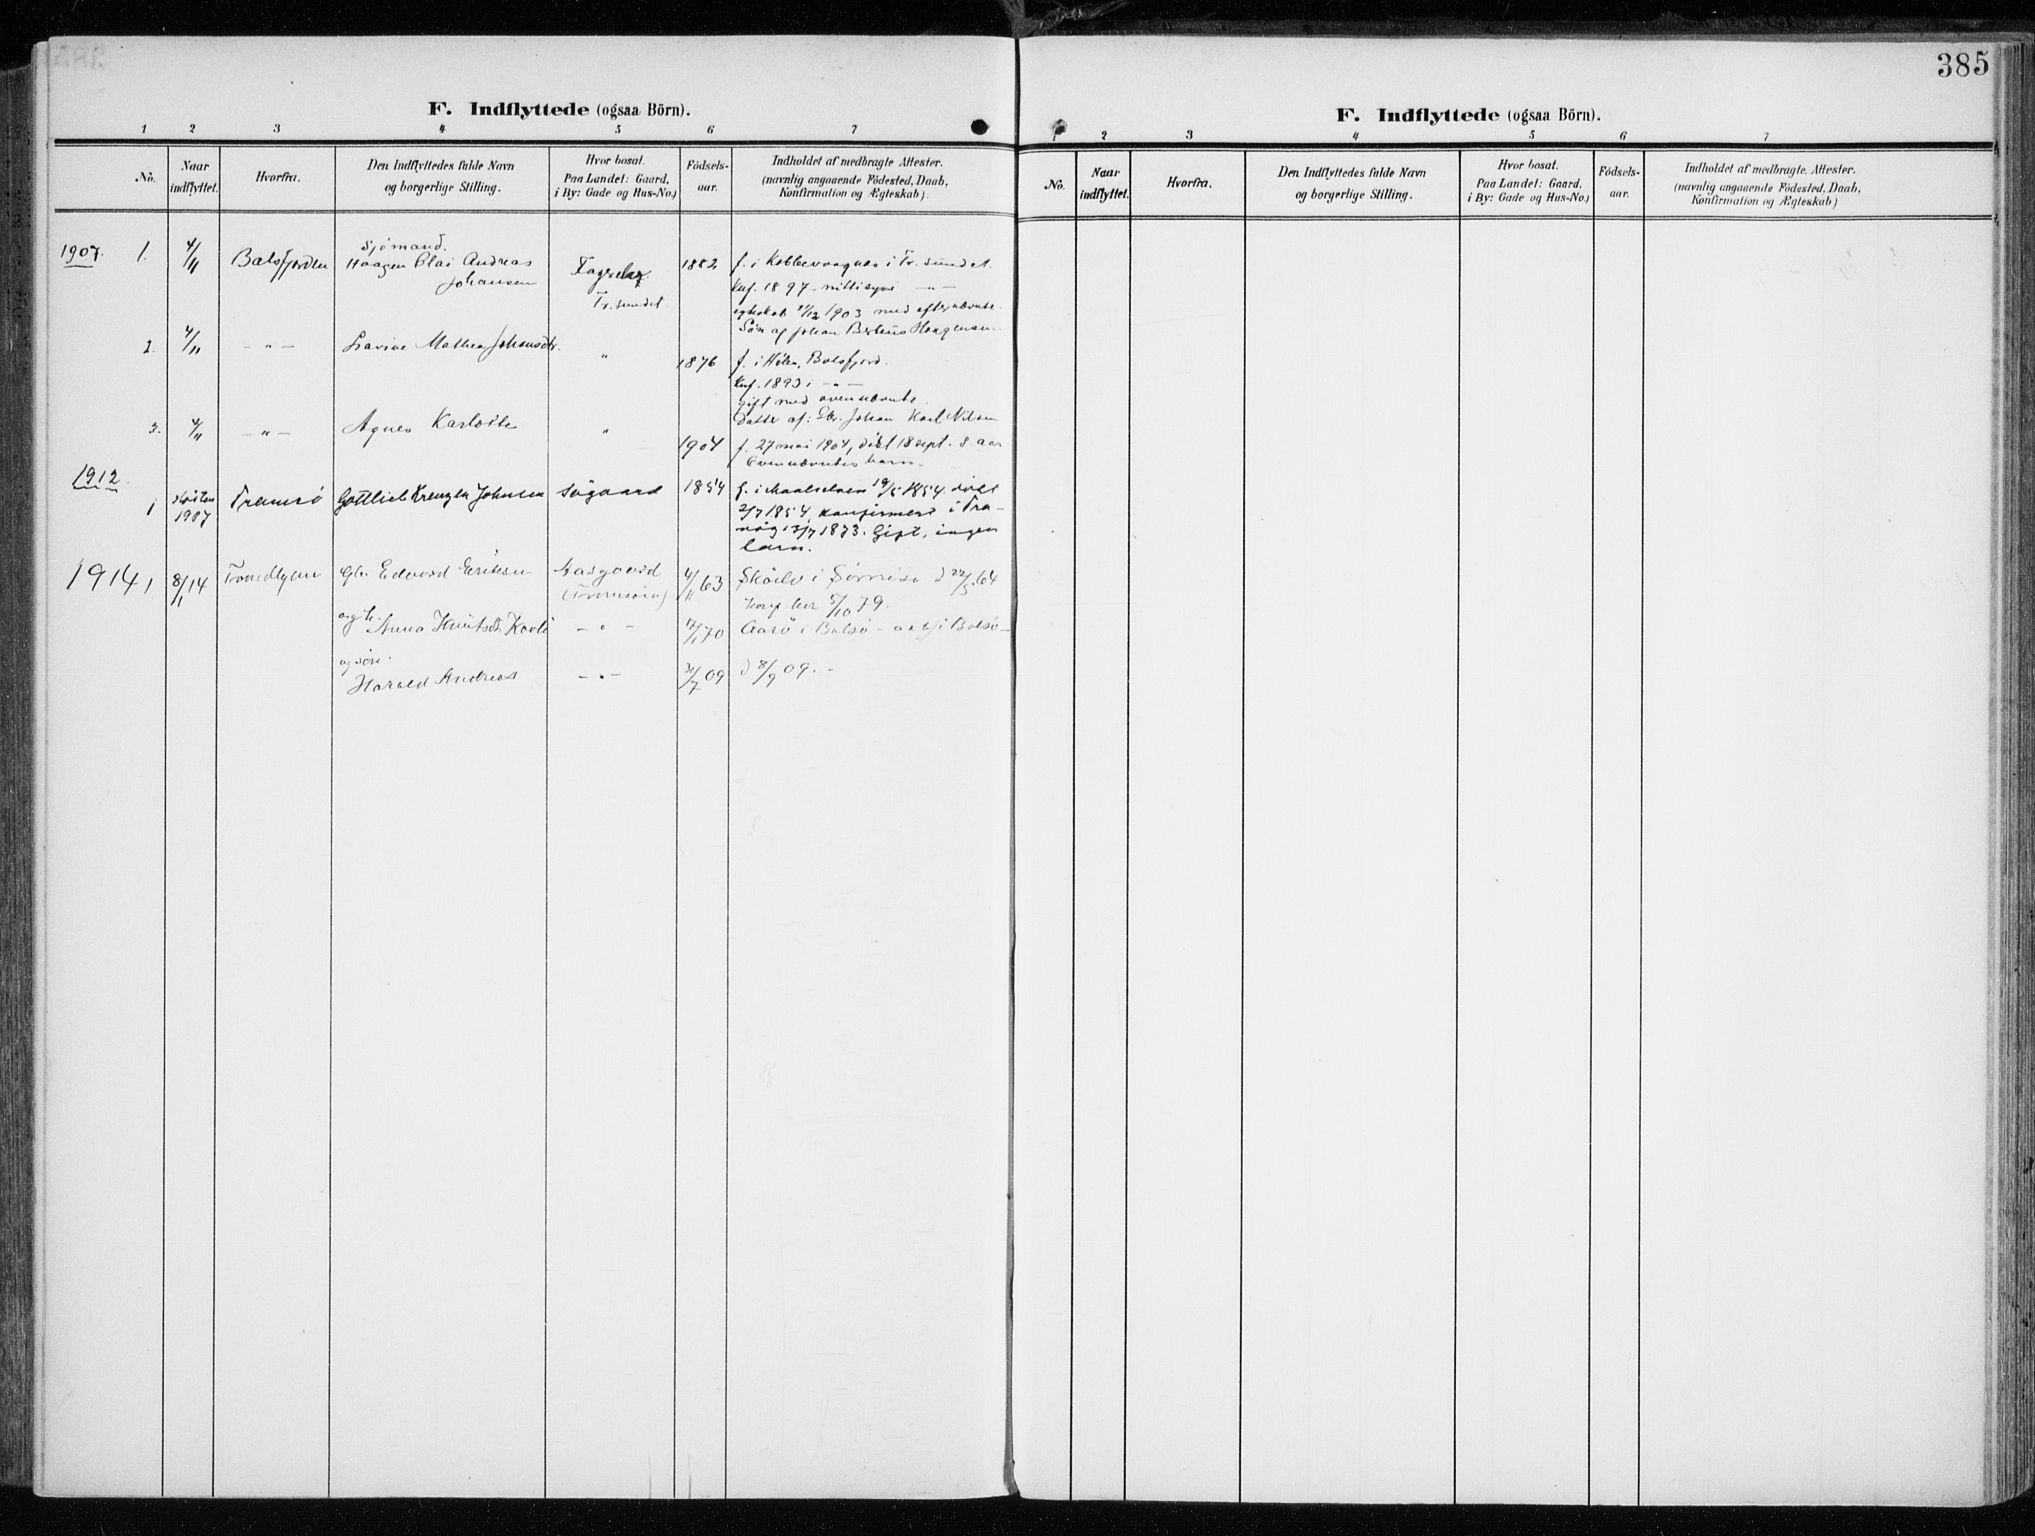 SATØ, Tromsøysund sokneprestkontor, G/Ga/L0007kirke: Ministerialbok nr. 7, 1907-1914, s. 385